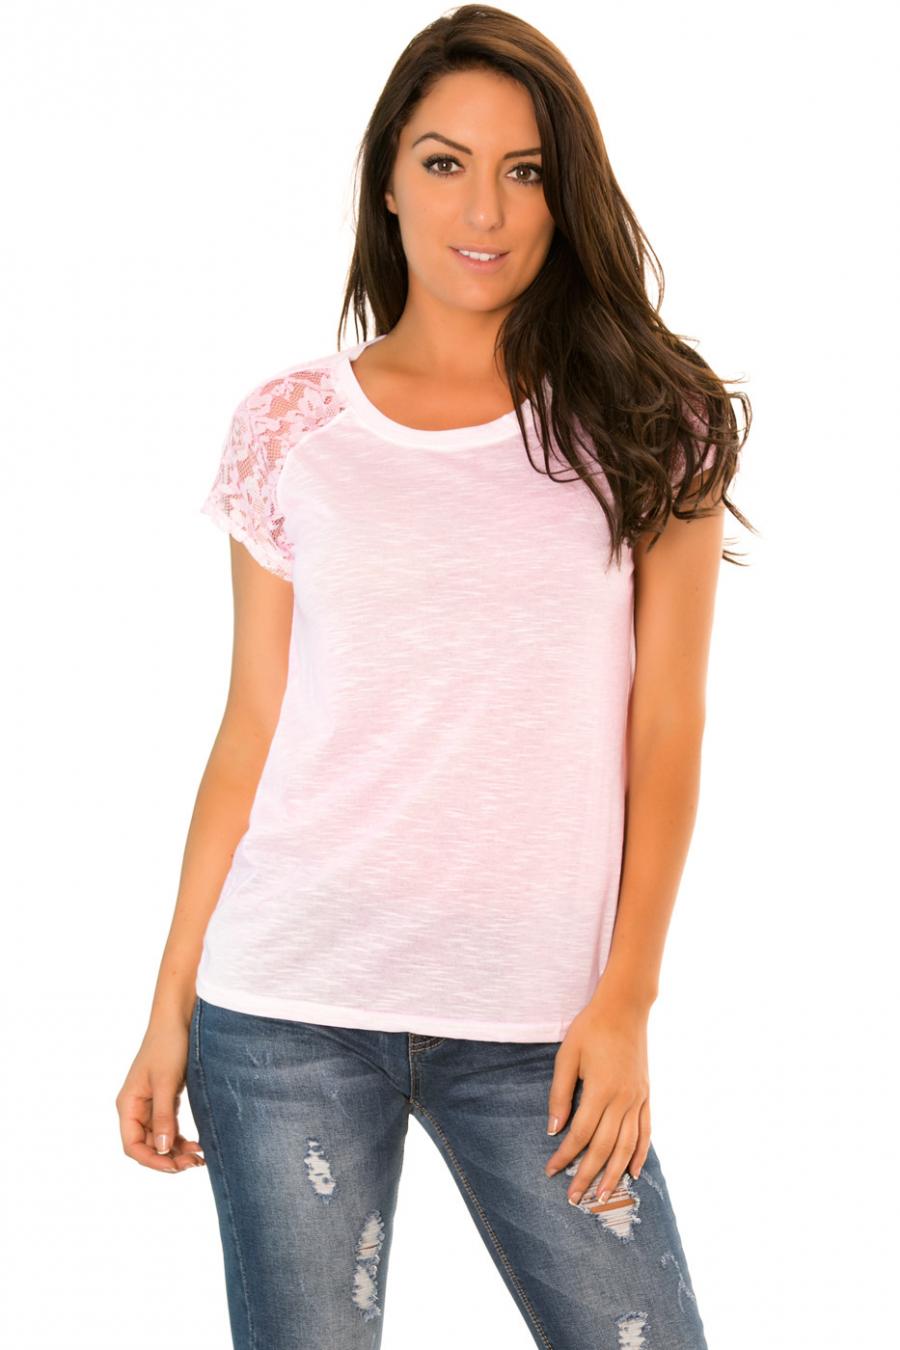 Tee shirt Rose avec dentelles sur les épaules - 2515